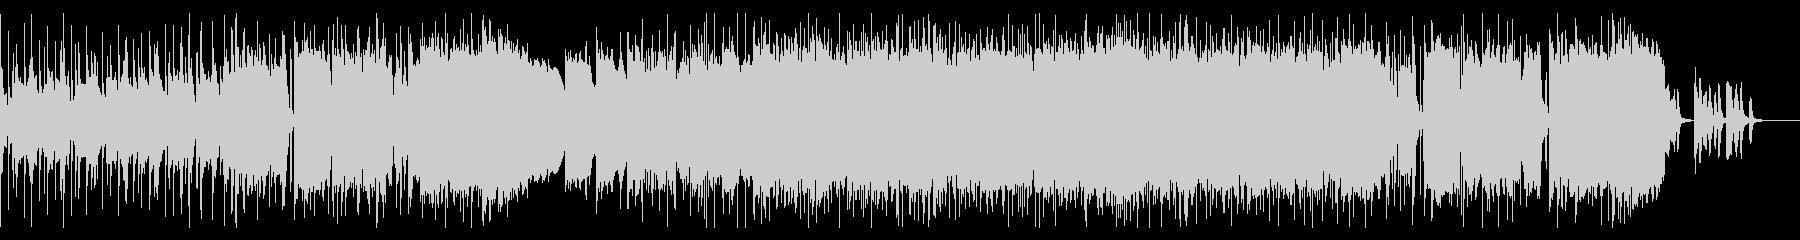 オーケストラ ✕ ロックバンドの未再生の波形